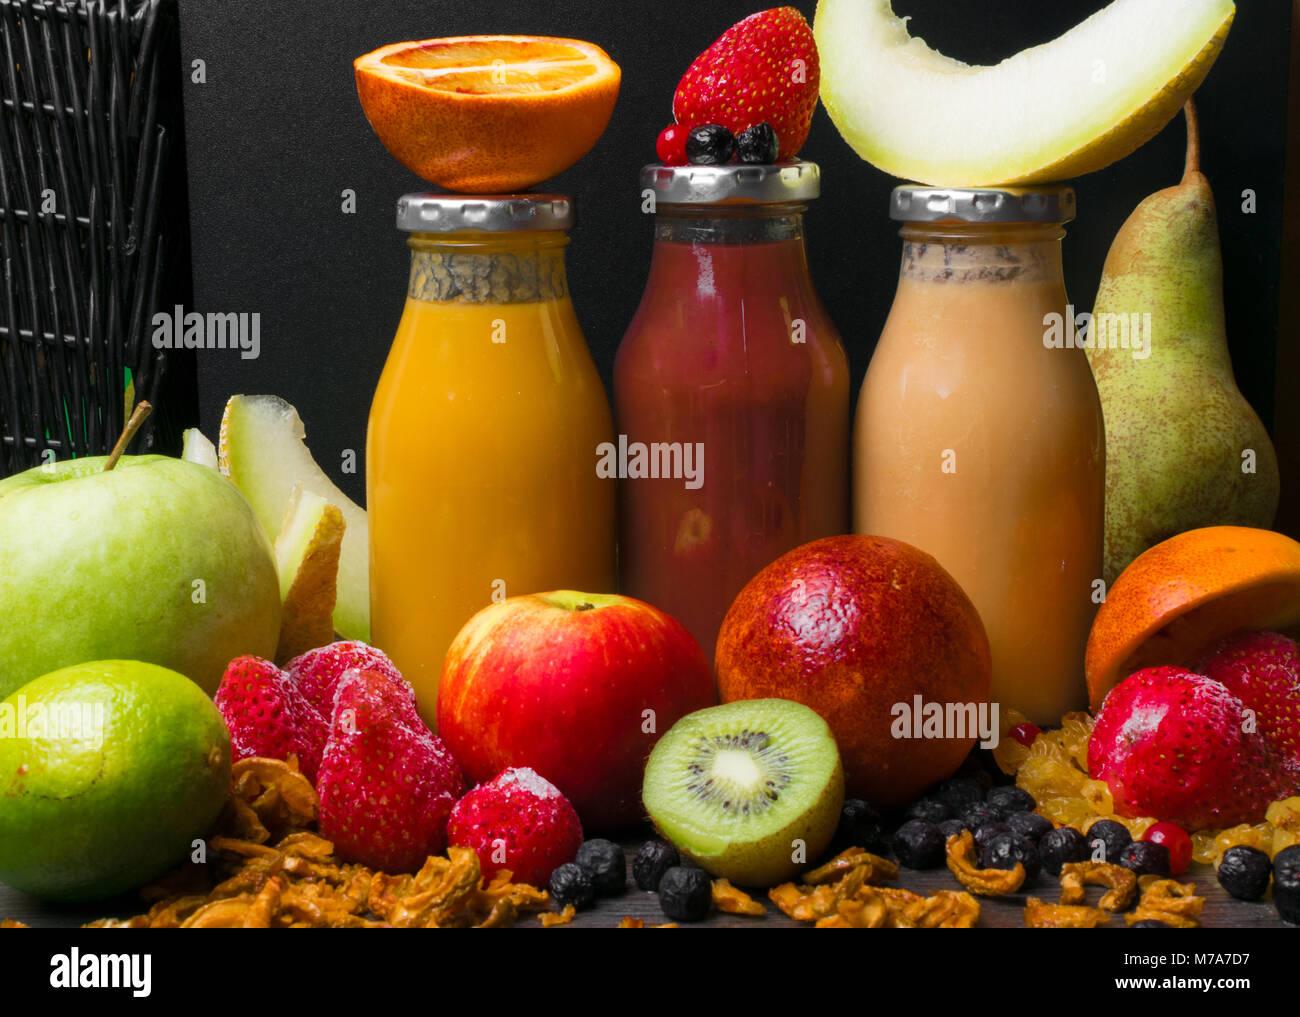 Vassoi In Legno Con Vetro : Appena miscelato frullati di frutta di vari colori con latte di